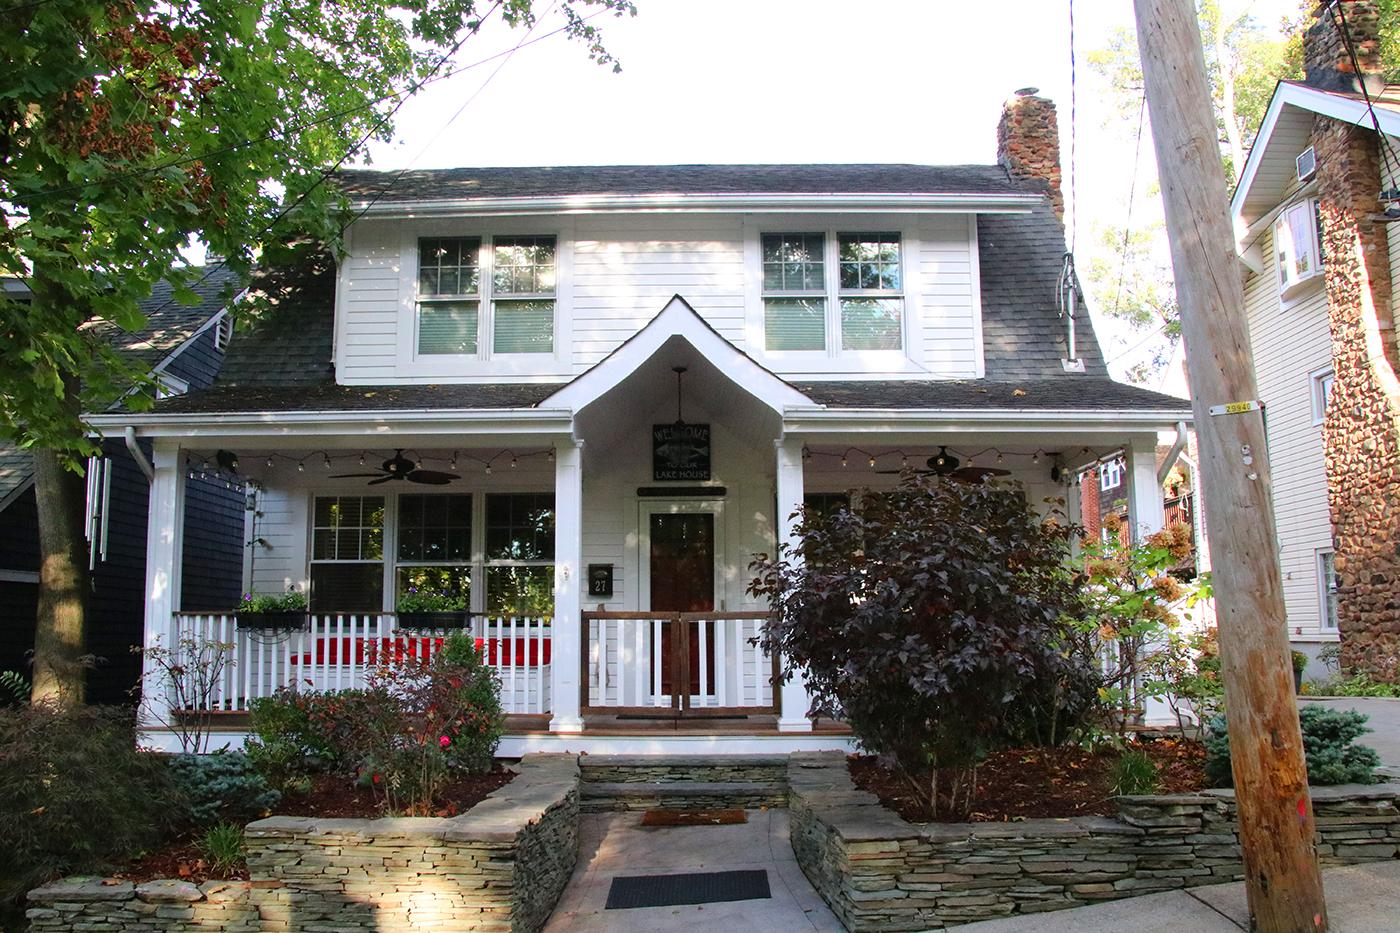 27 Lakeview Terr. - GrasmereResidential Sale ListingRepresented Seller